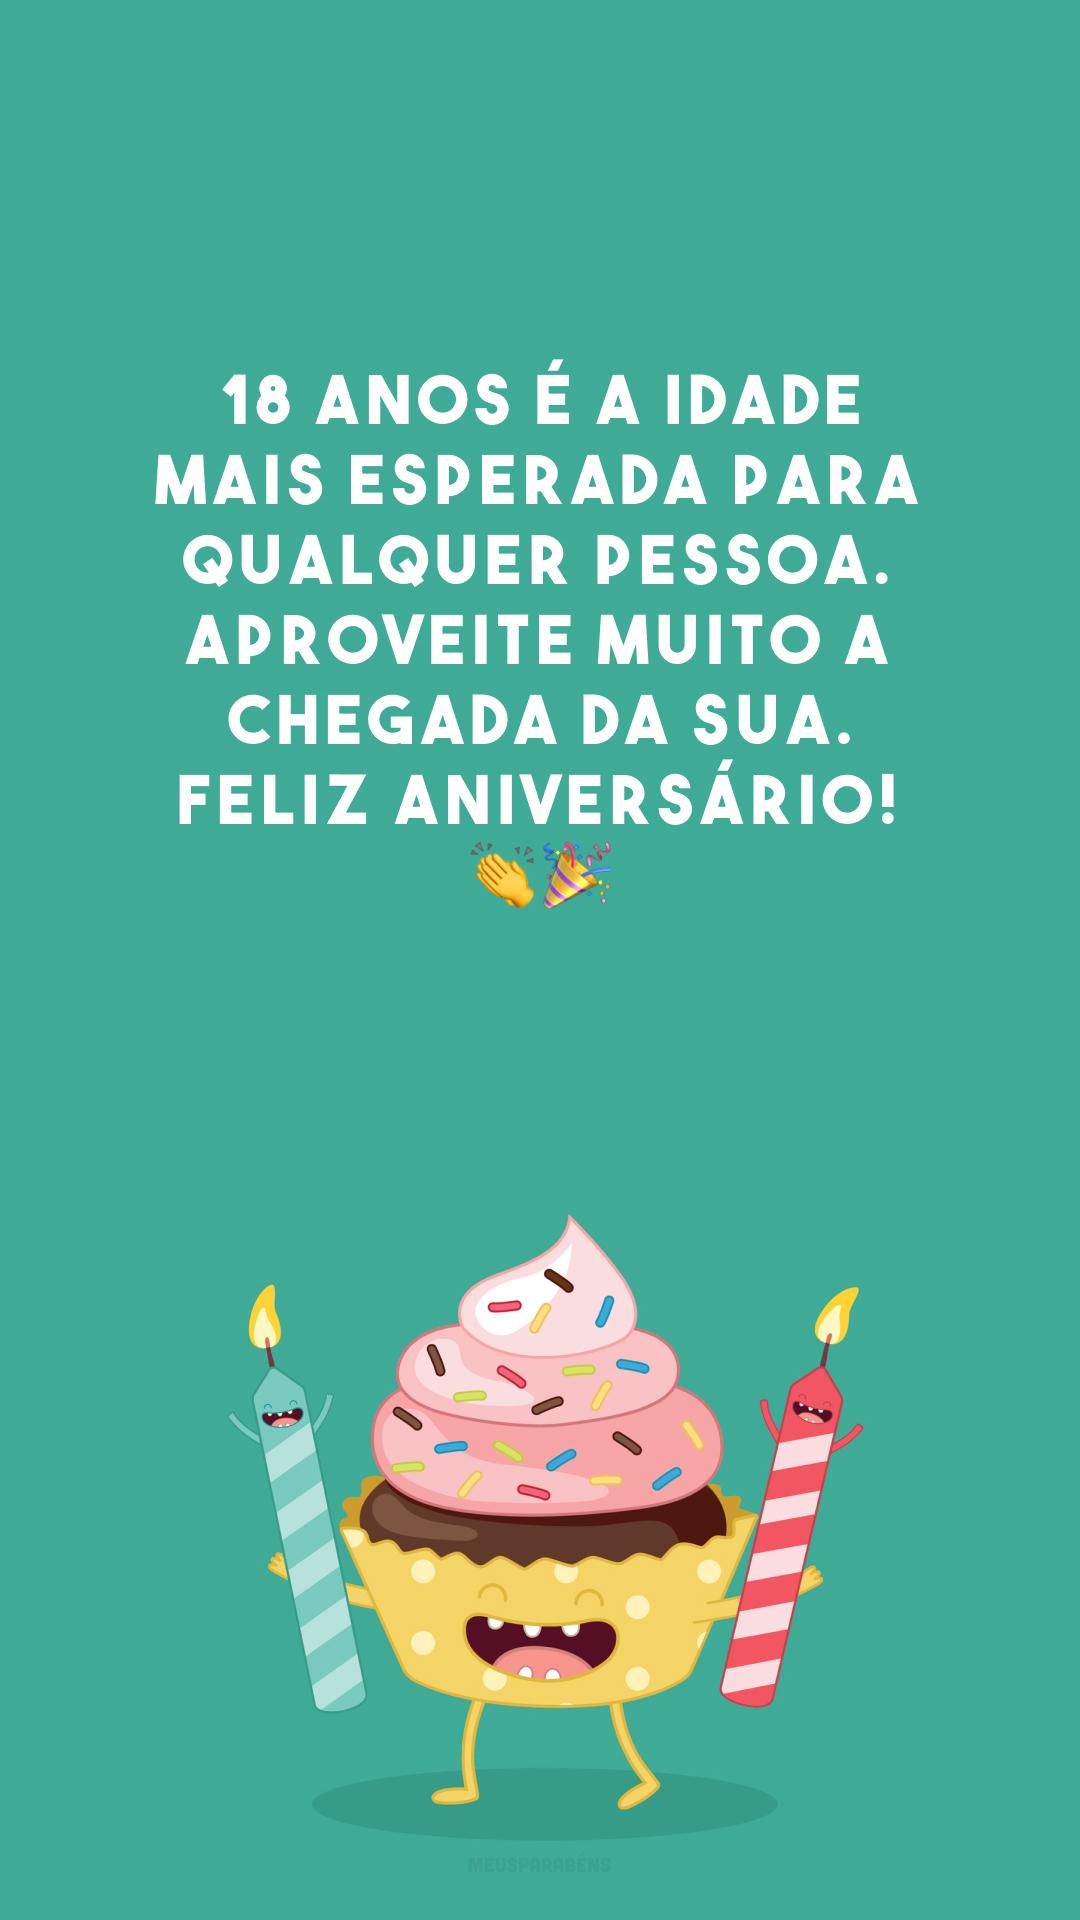 18 anos é a idade mais esperada para qualquer pessoa. Aproveite muito a chegada da sua. Feliz aniversário! 👏🎉